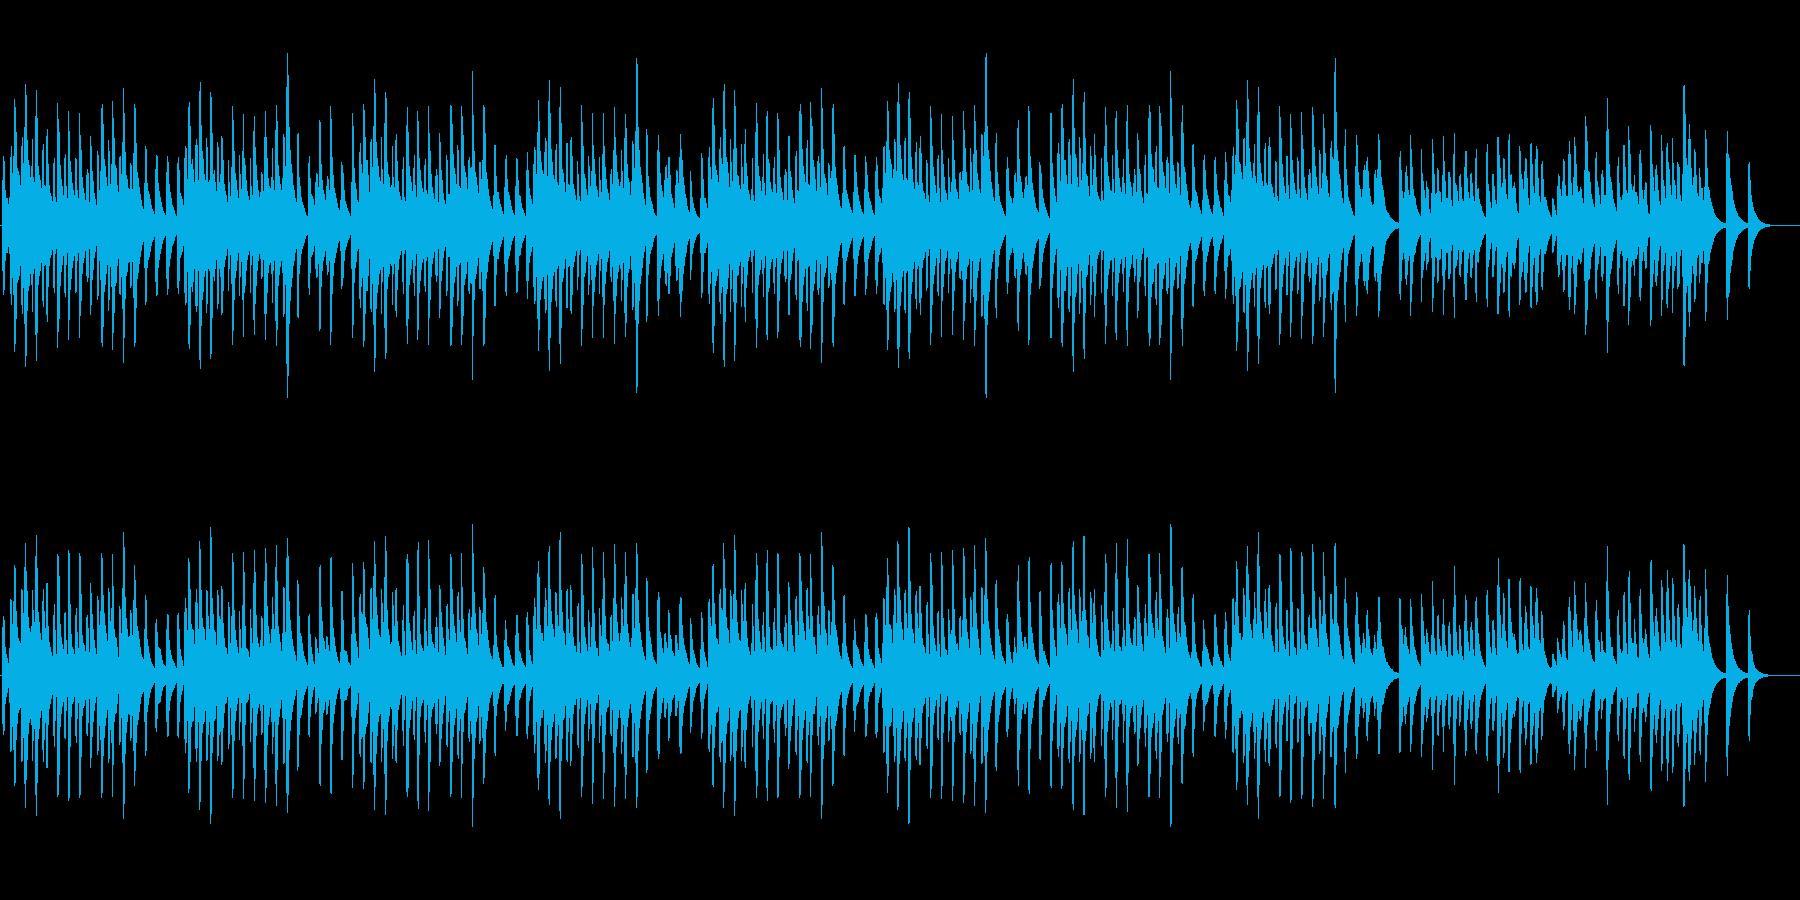 ドヴォルザーク「ユモレスク」のオルゴールの再生済みの波形